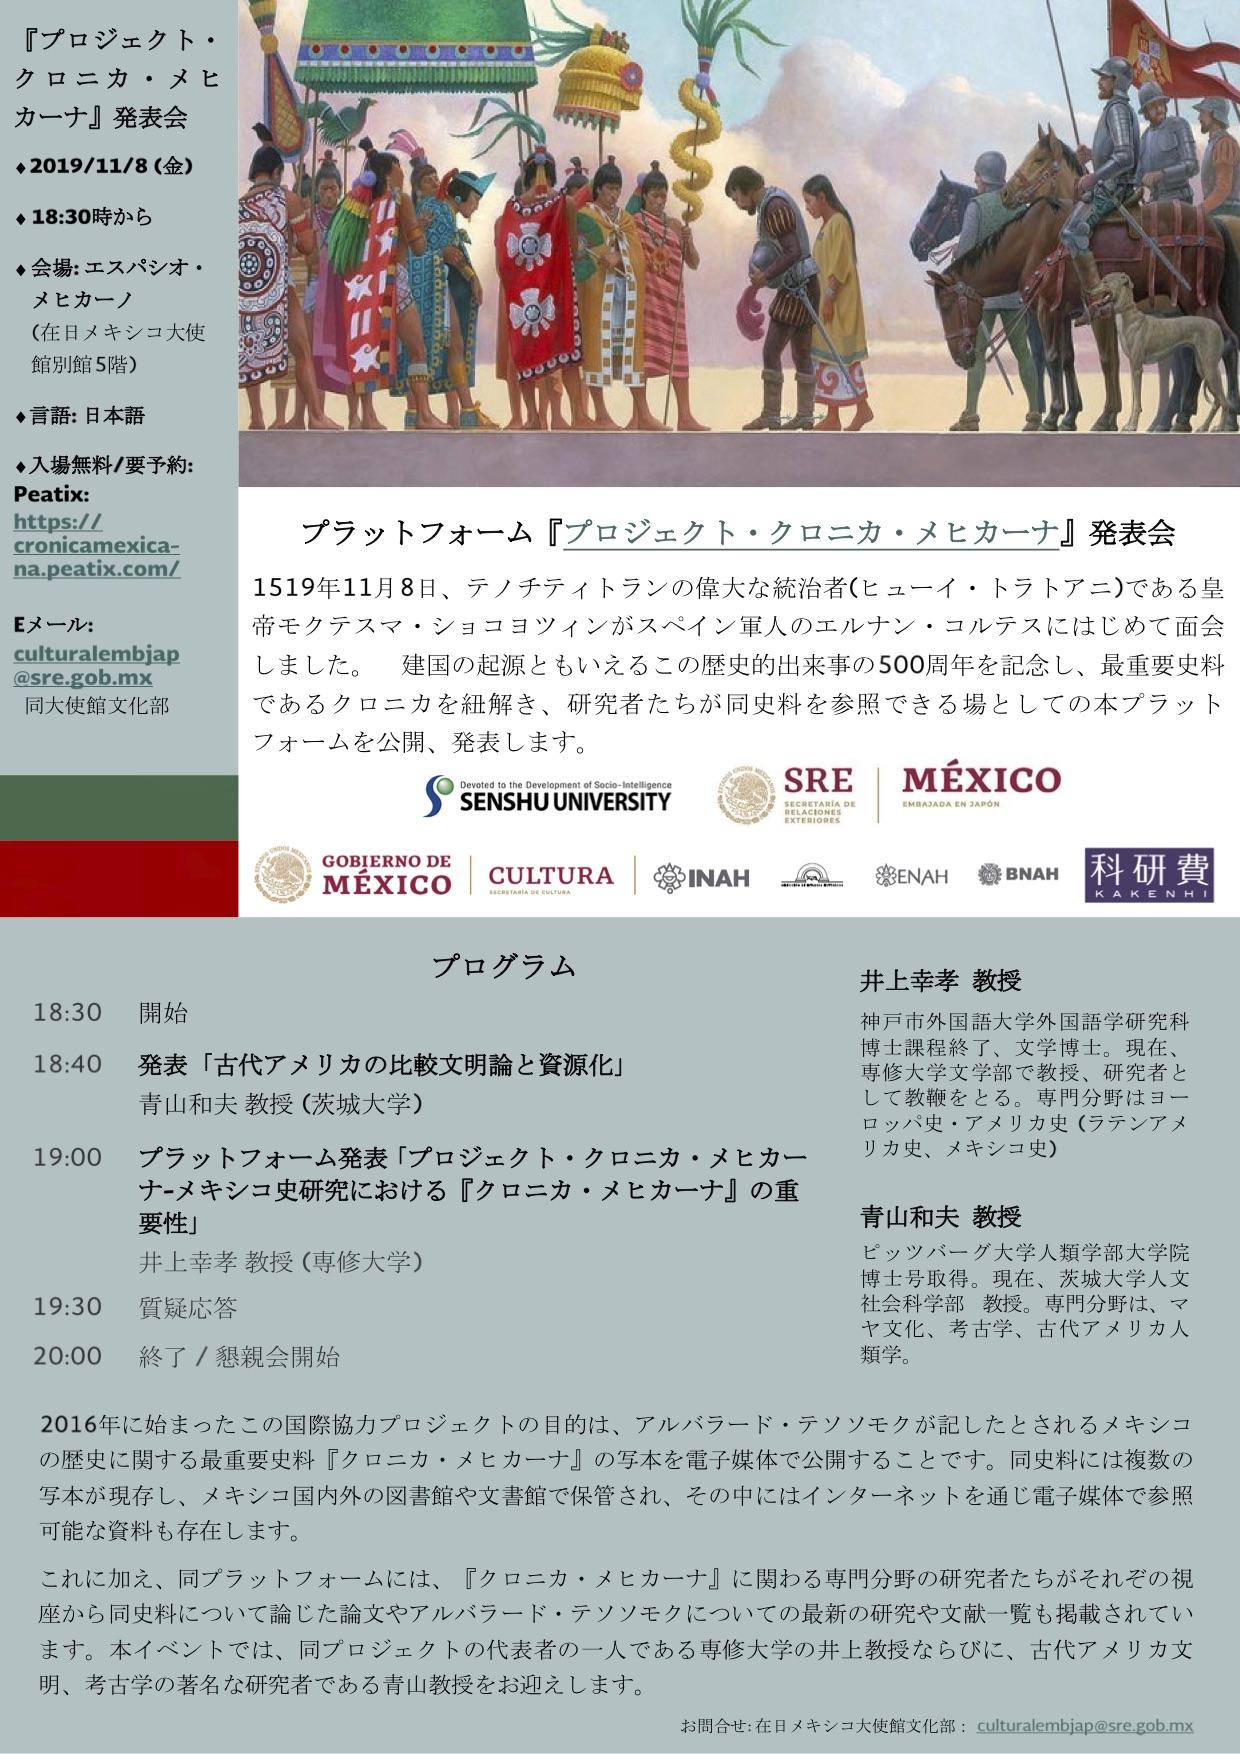 プラットフォーム『プロジェクト・クロニカ・メヒカーナ』発表会